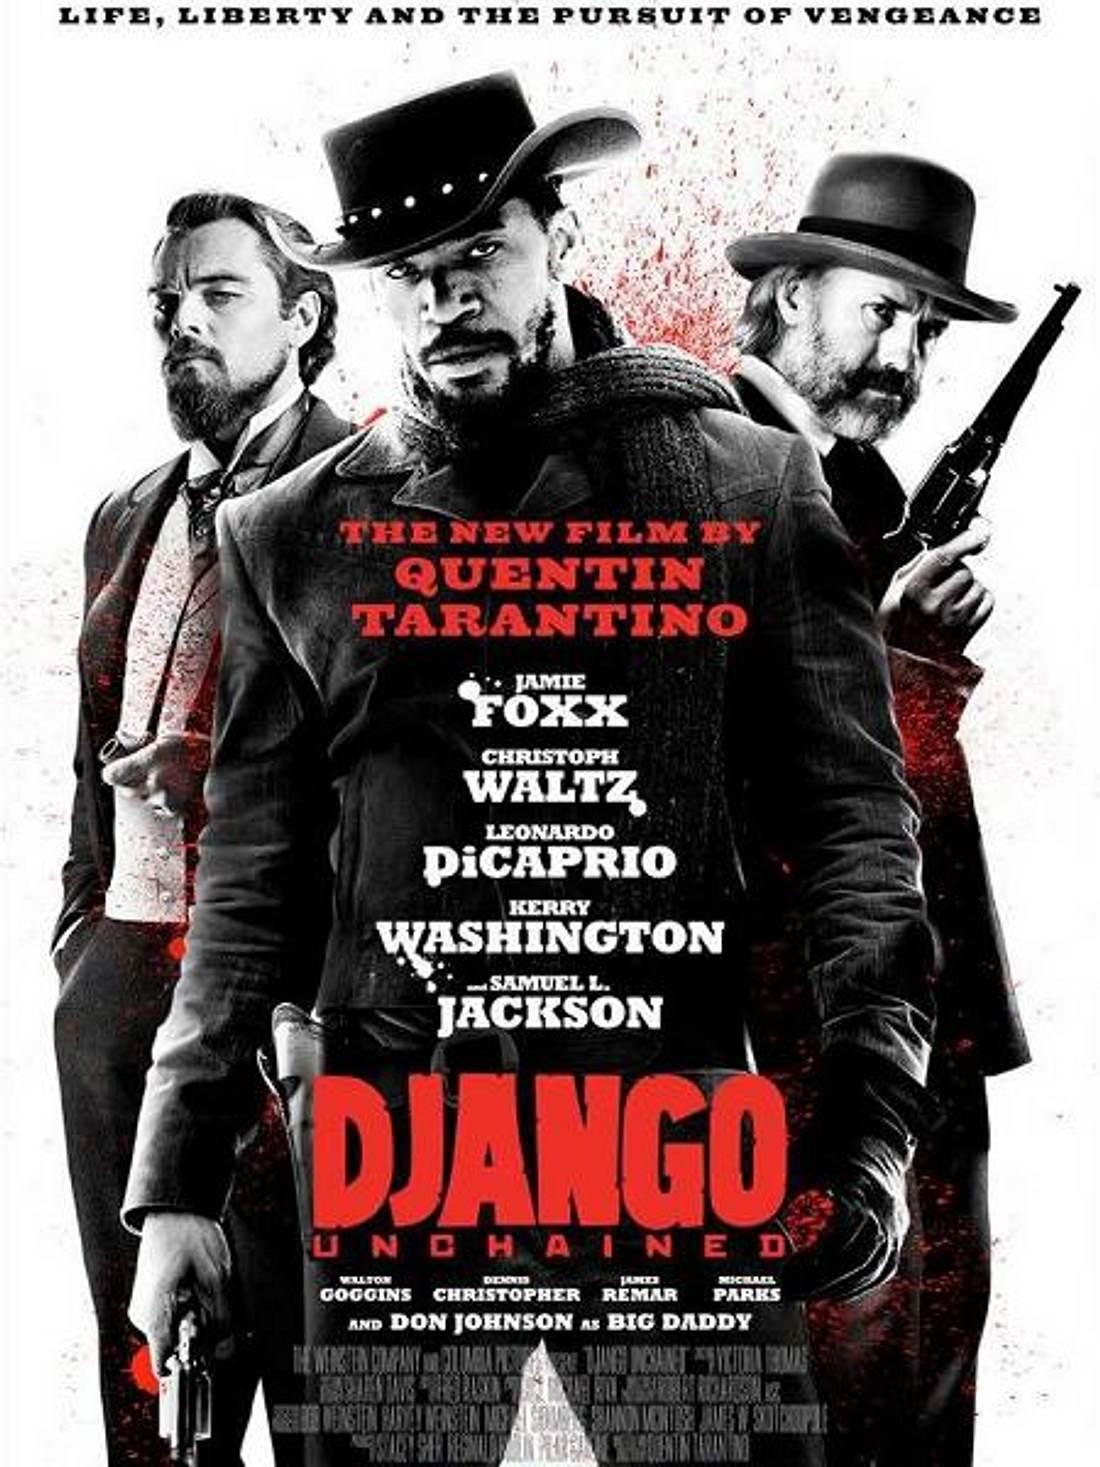 """Die Oscar-Filme 2013""""Django Unchained"""" könnte Chancen auf drei Oscars haben. Unter anderem ist  Christoph Waltz als bester Nebendarsteller nominiert."""